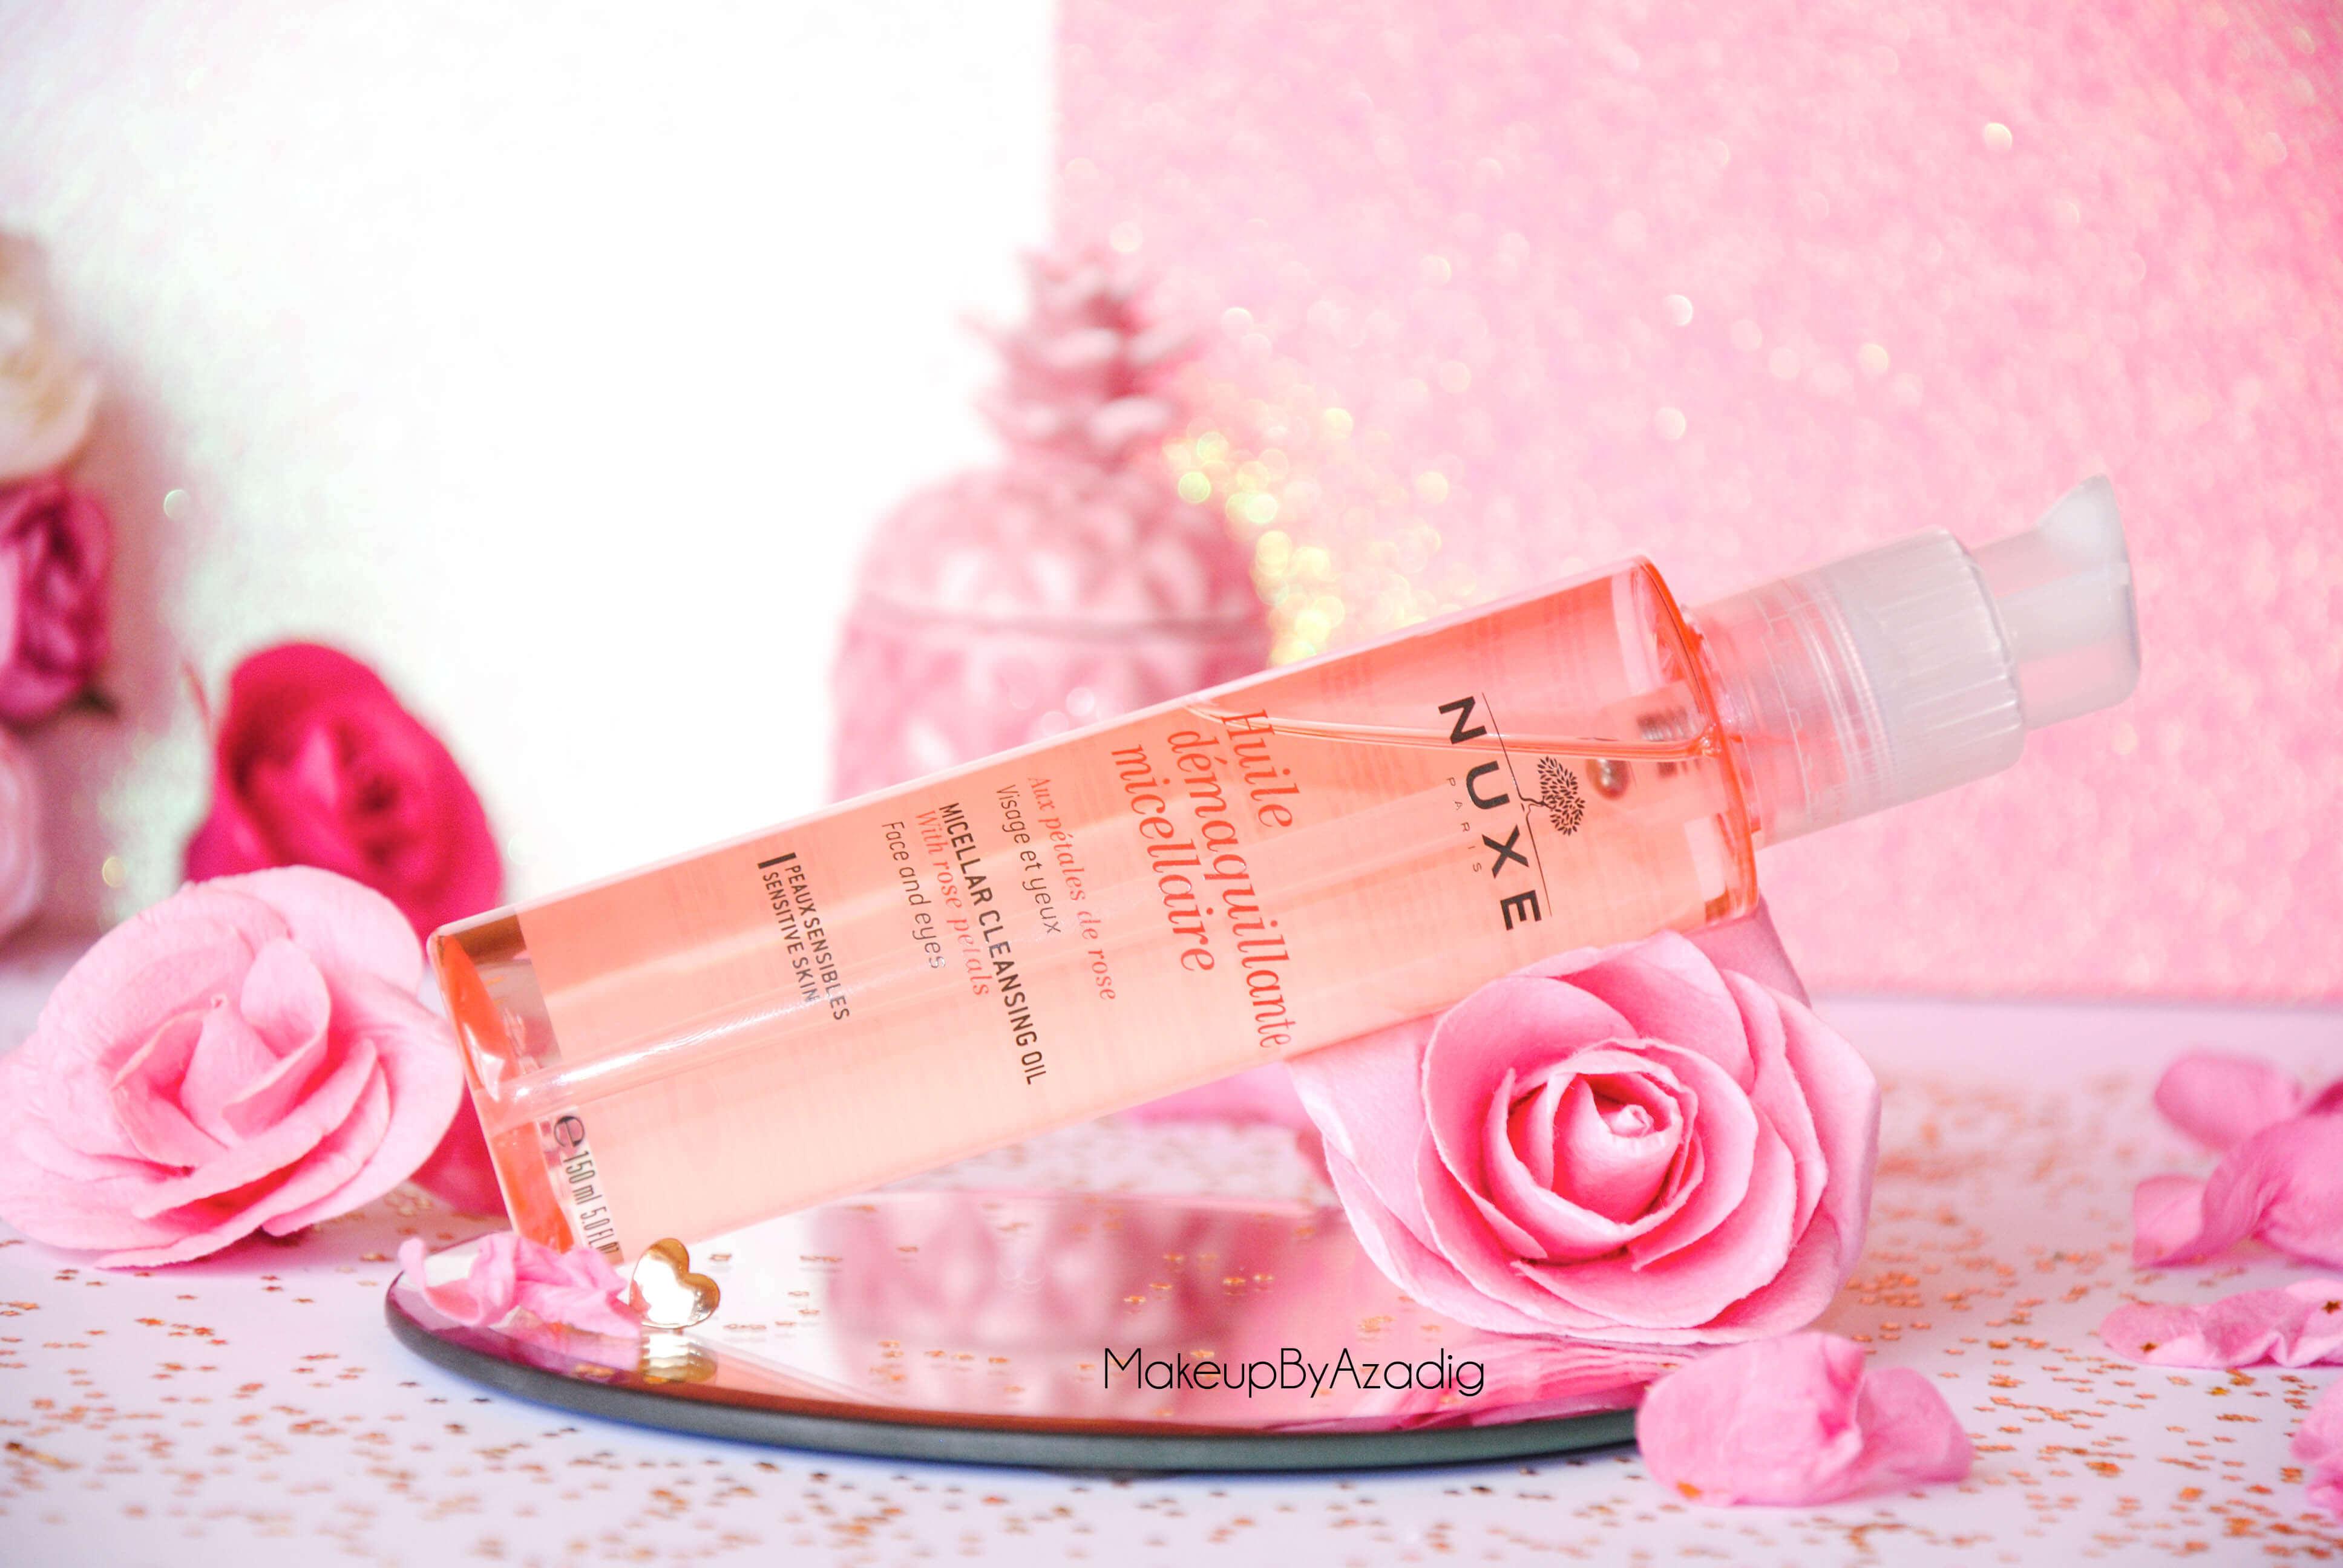 makeupbyazadig-huile-demaquillante-micellaire-nuxe-petales-de-rose-doctipharma-revue-avis-prix-dont